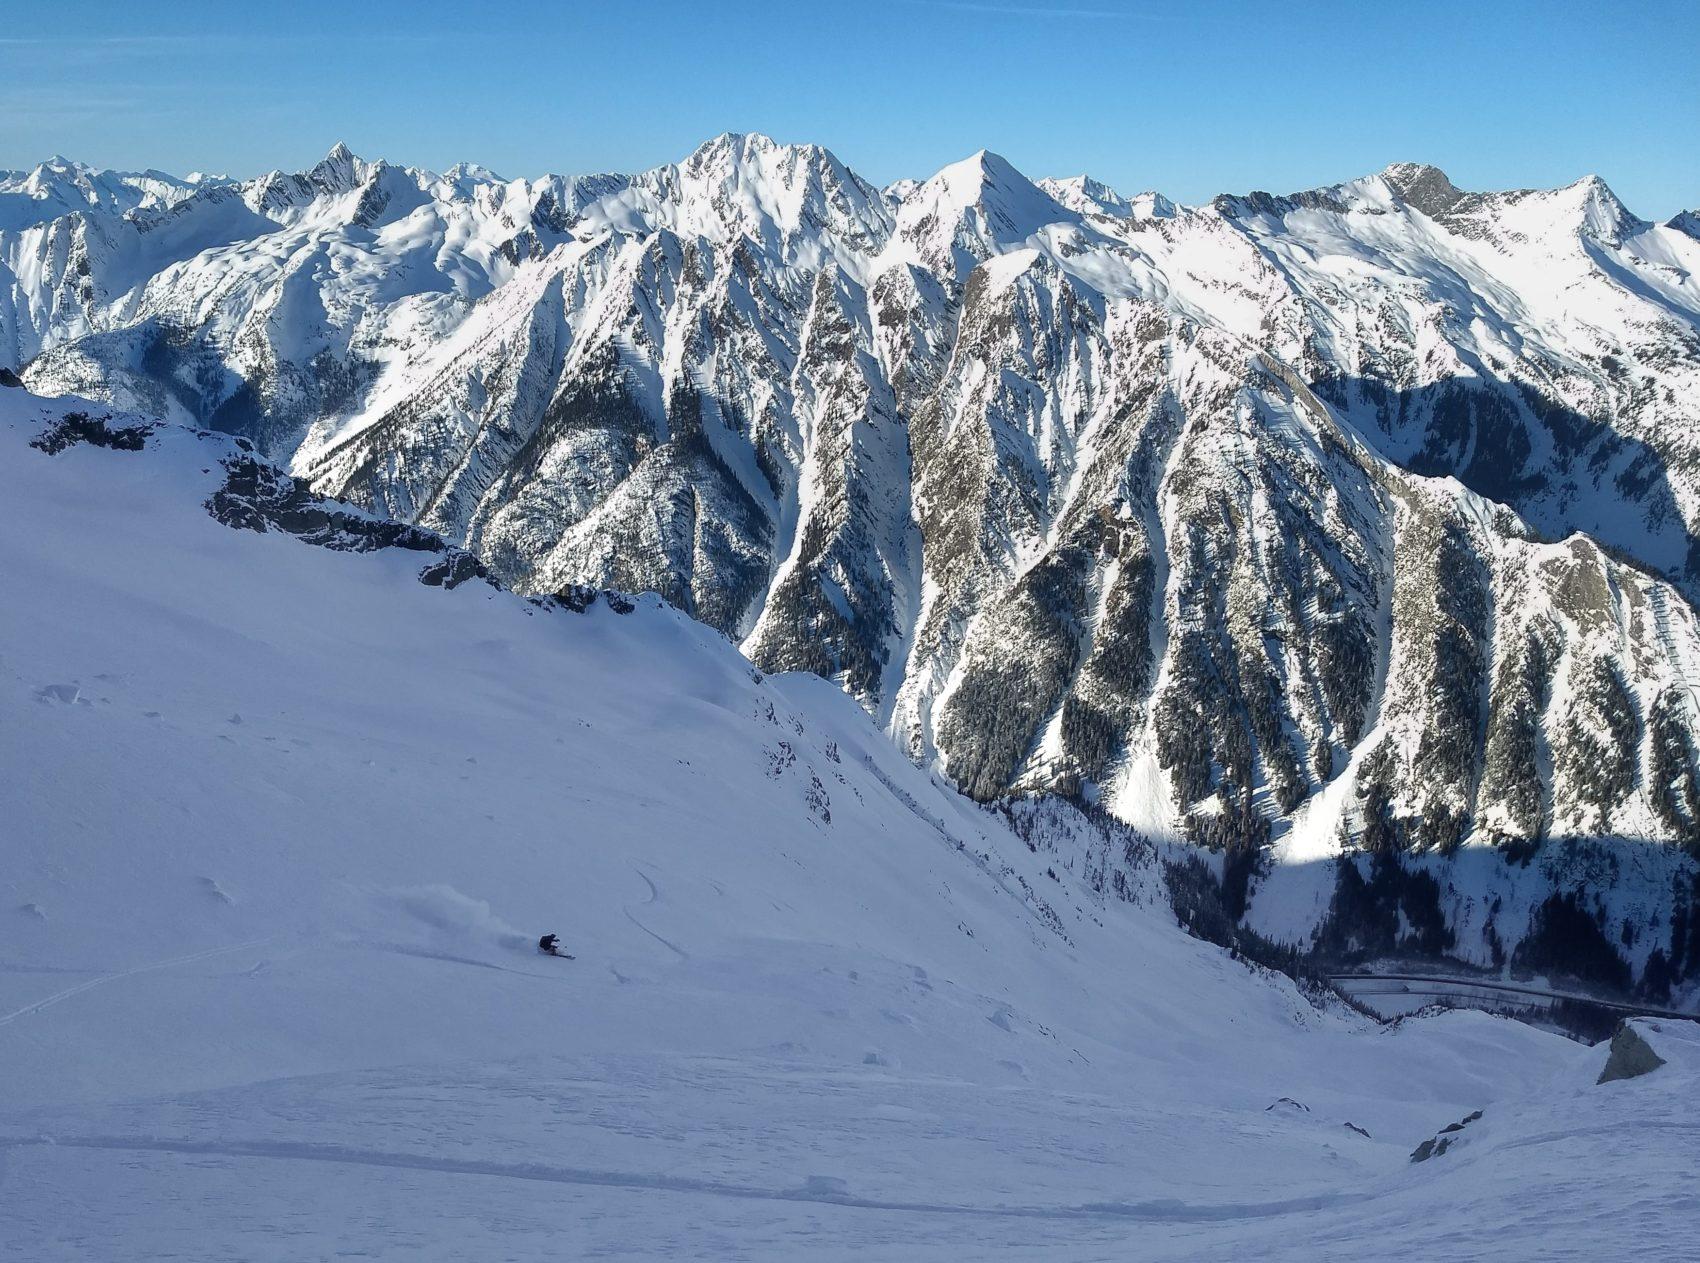 skier down ross peak path